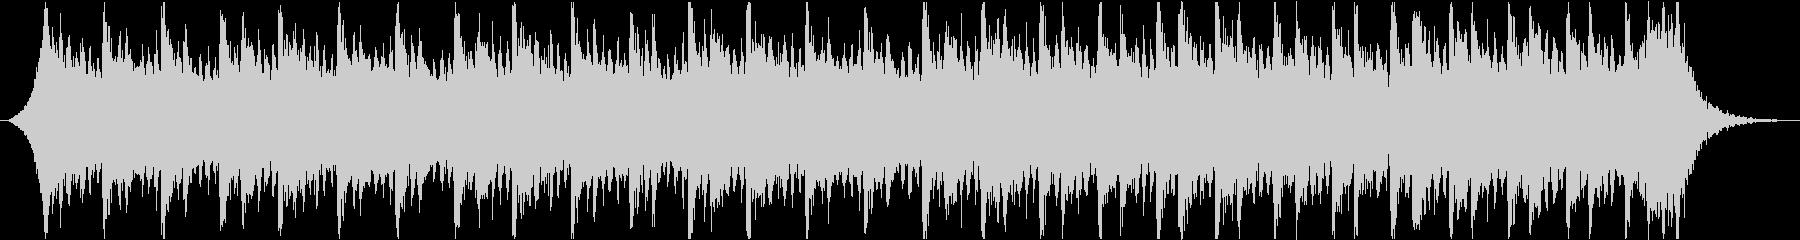 感動壮大ポジティブオーケストラエピックbの未再生の波形